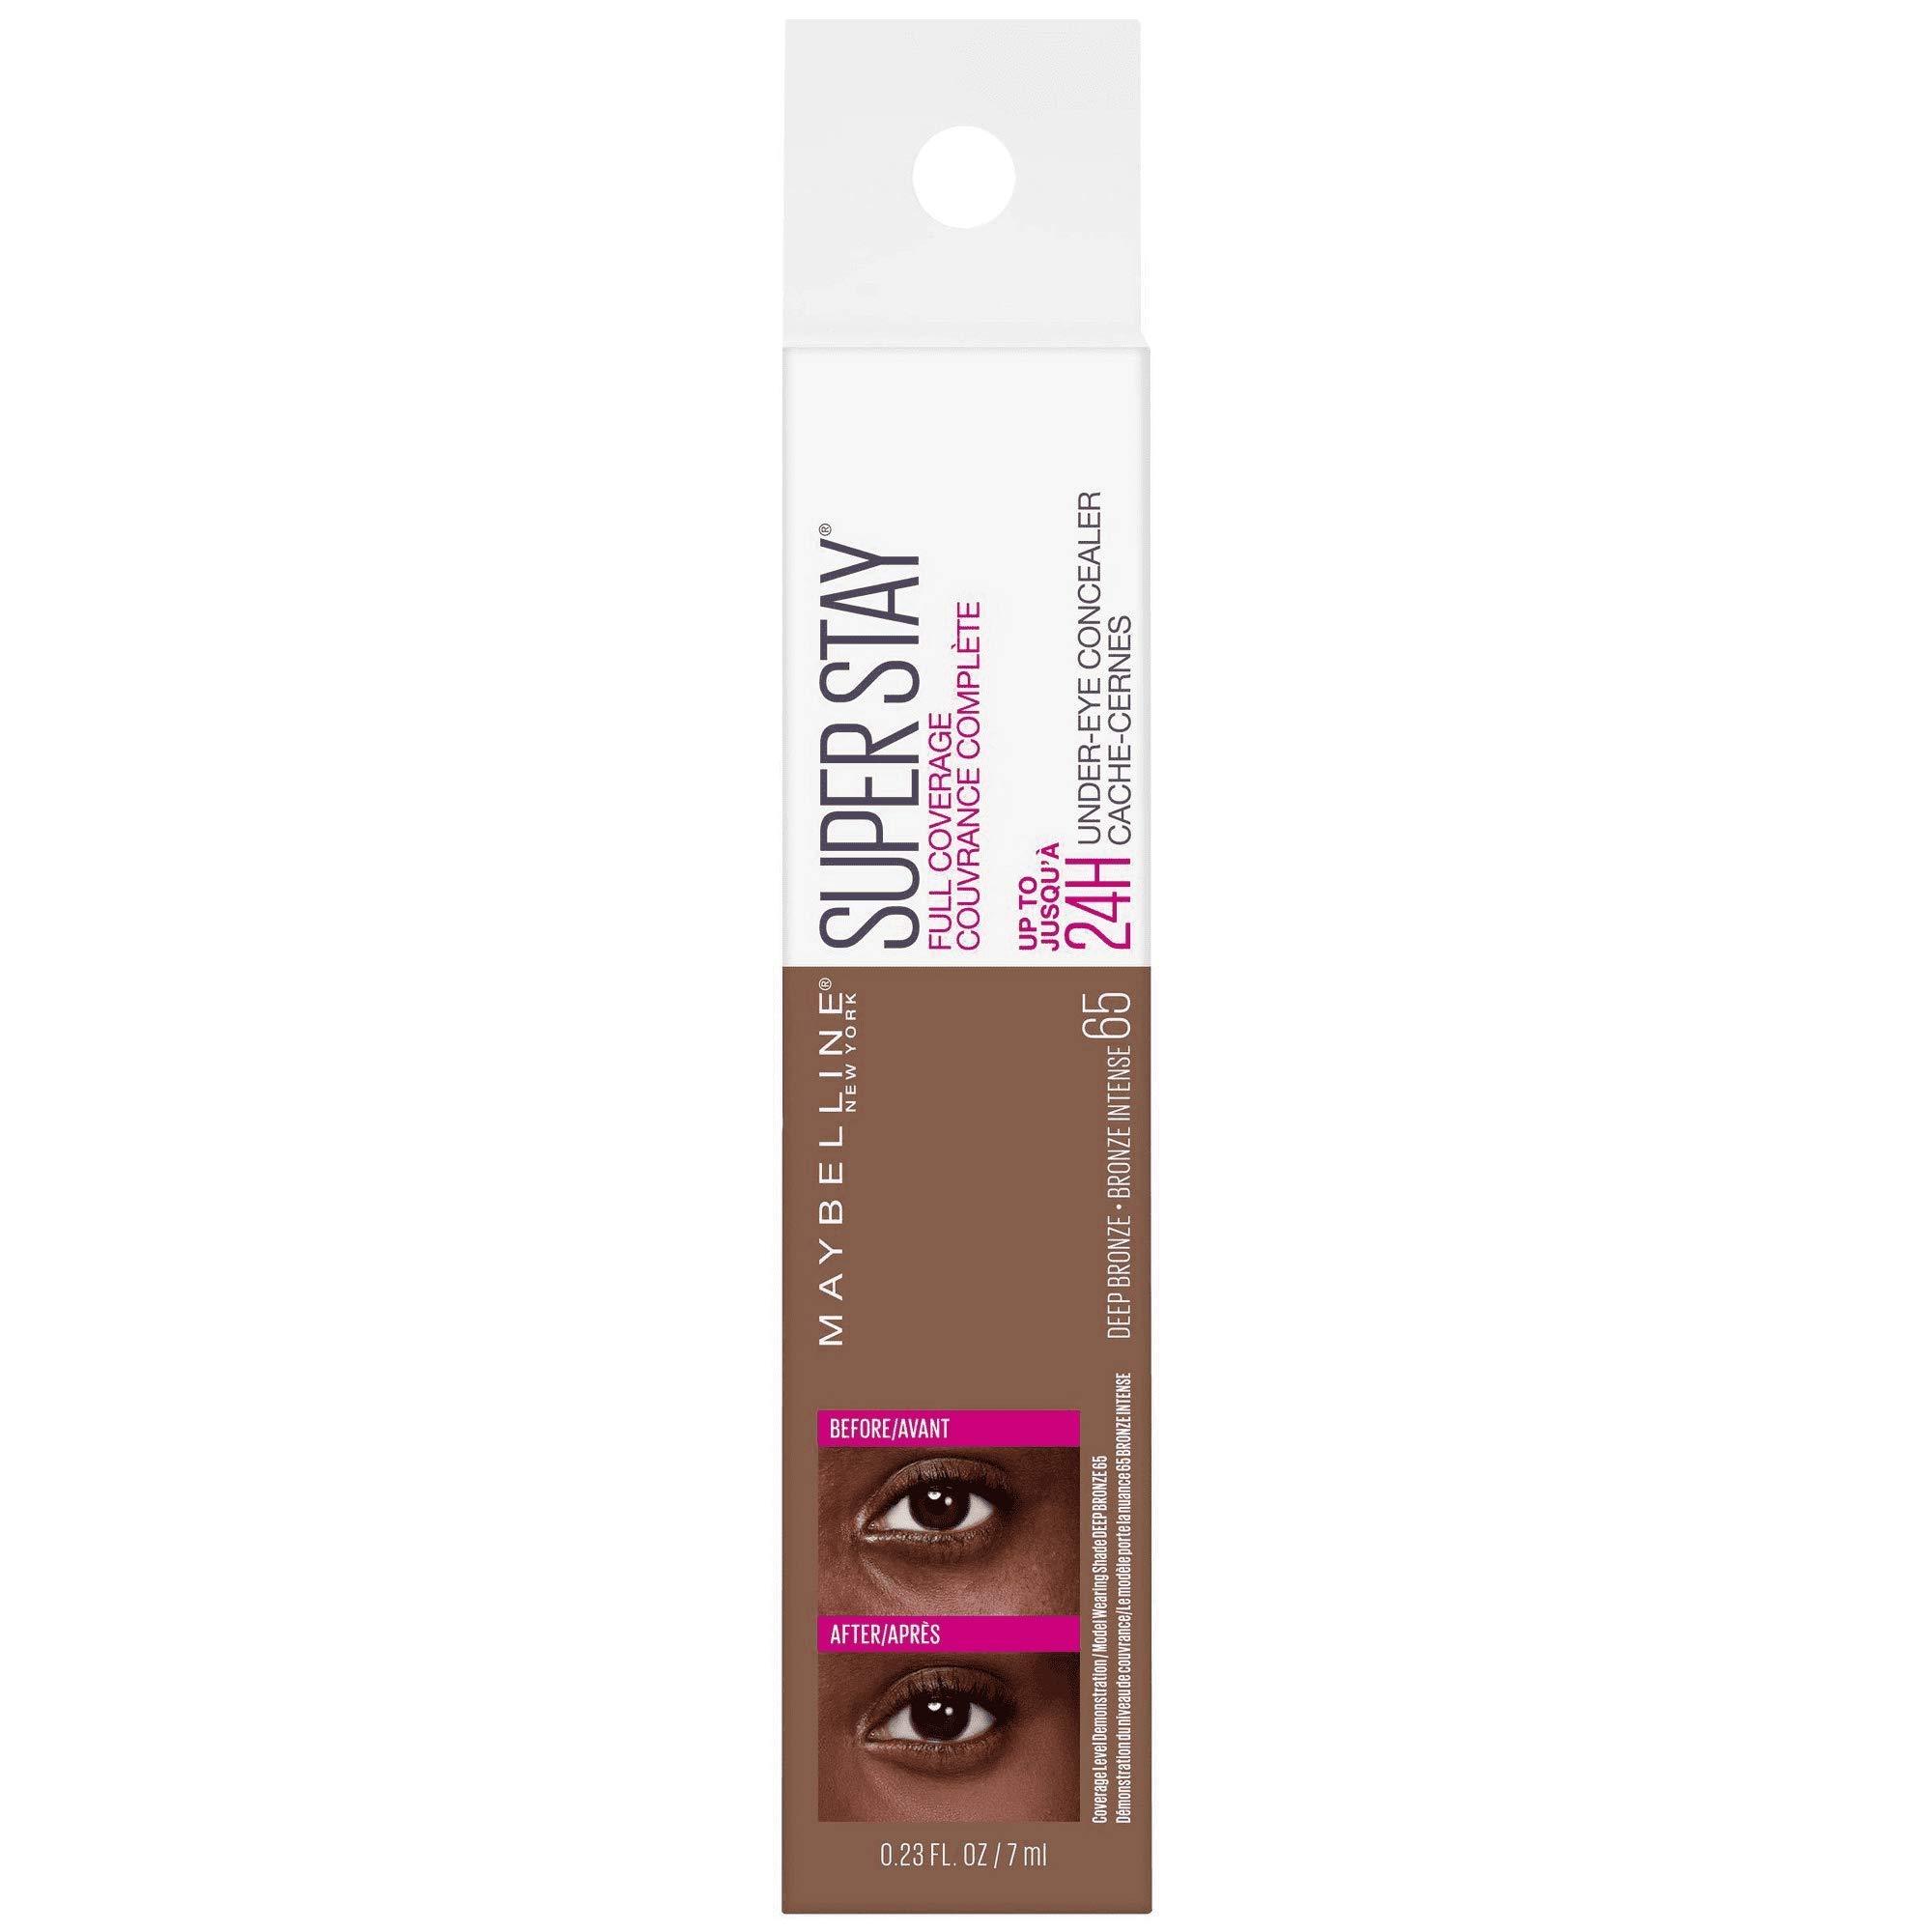 Super Stay Full Coverage Long Lasting Under-Eye Concealer, 65 Deep Bronze, 0.23 fl oz (Pack of 2)